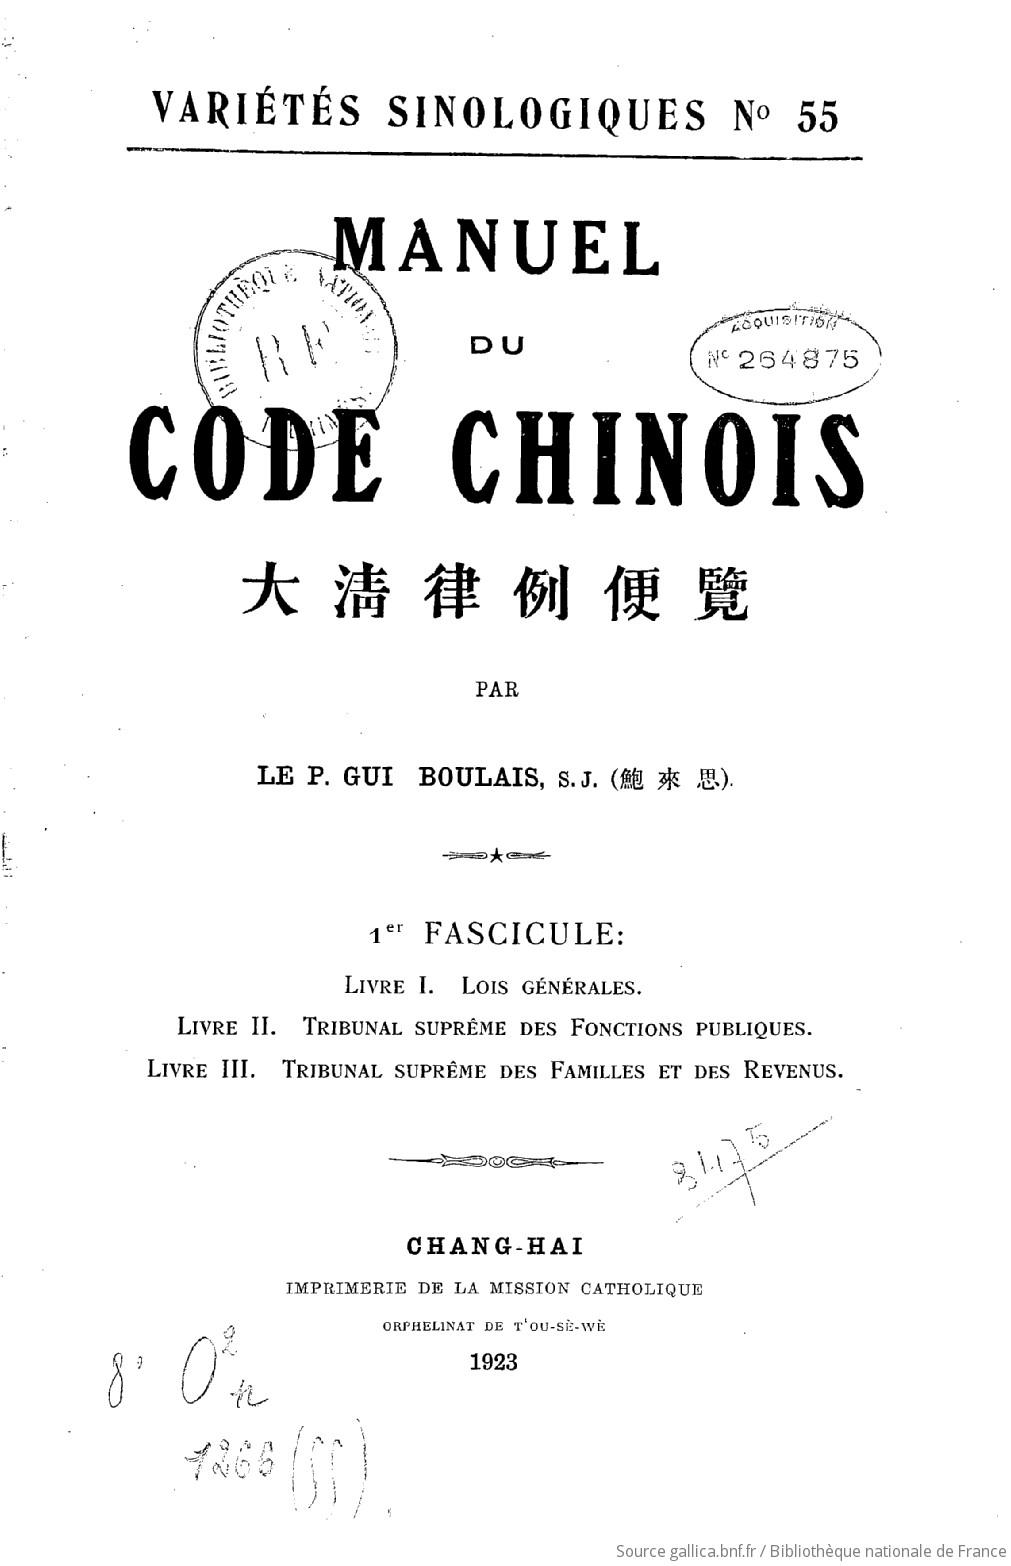 Manuel du code chinois par le p gui boulais gallica thecheapjerseys Images